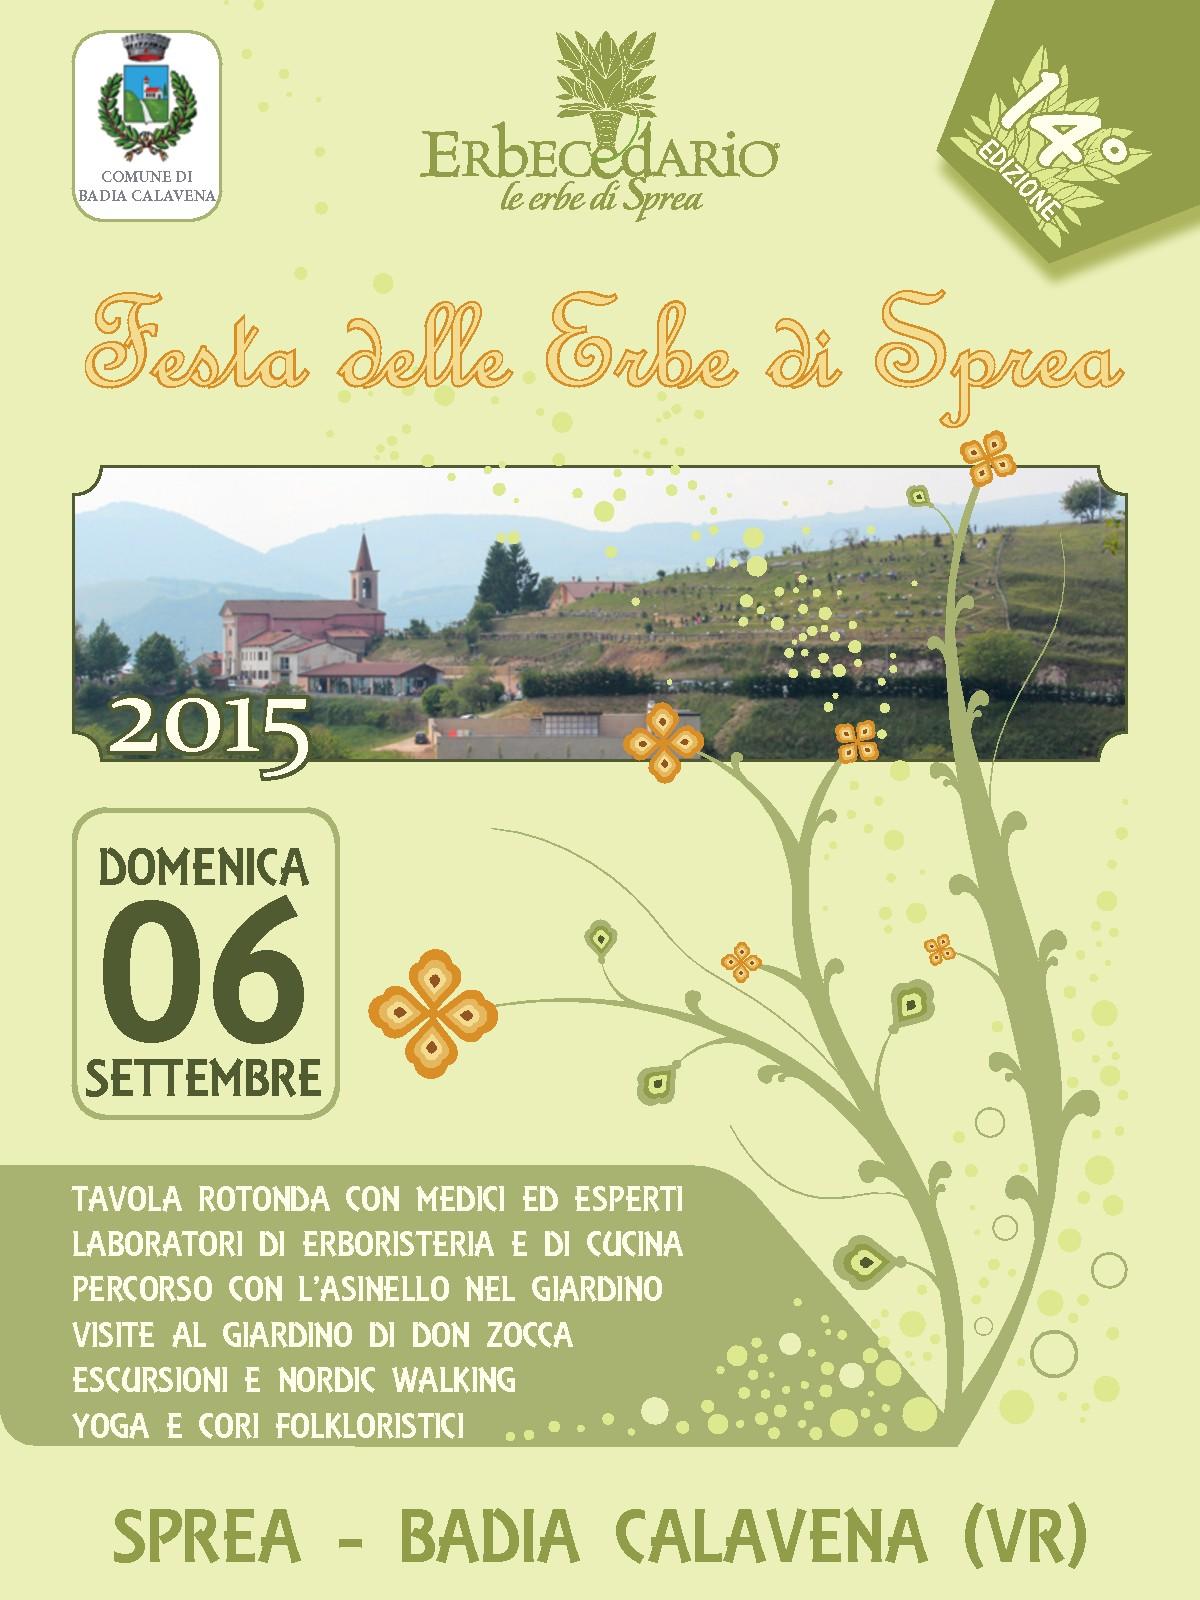 Volantino_festa_delle_erbe_6_9_15_web-001-001